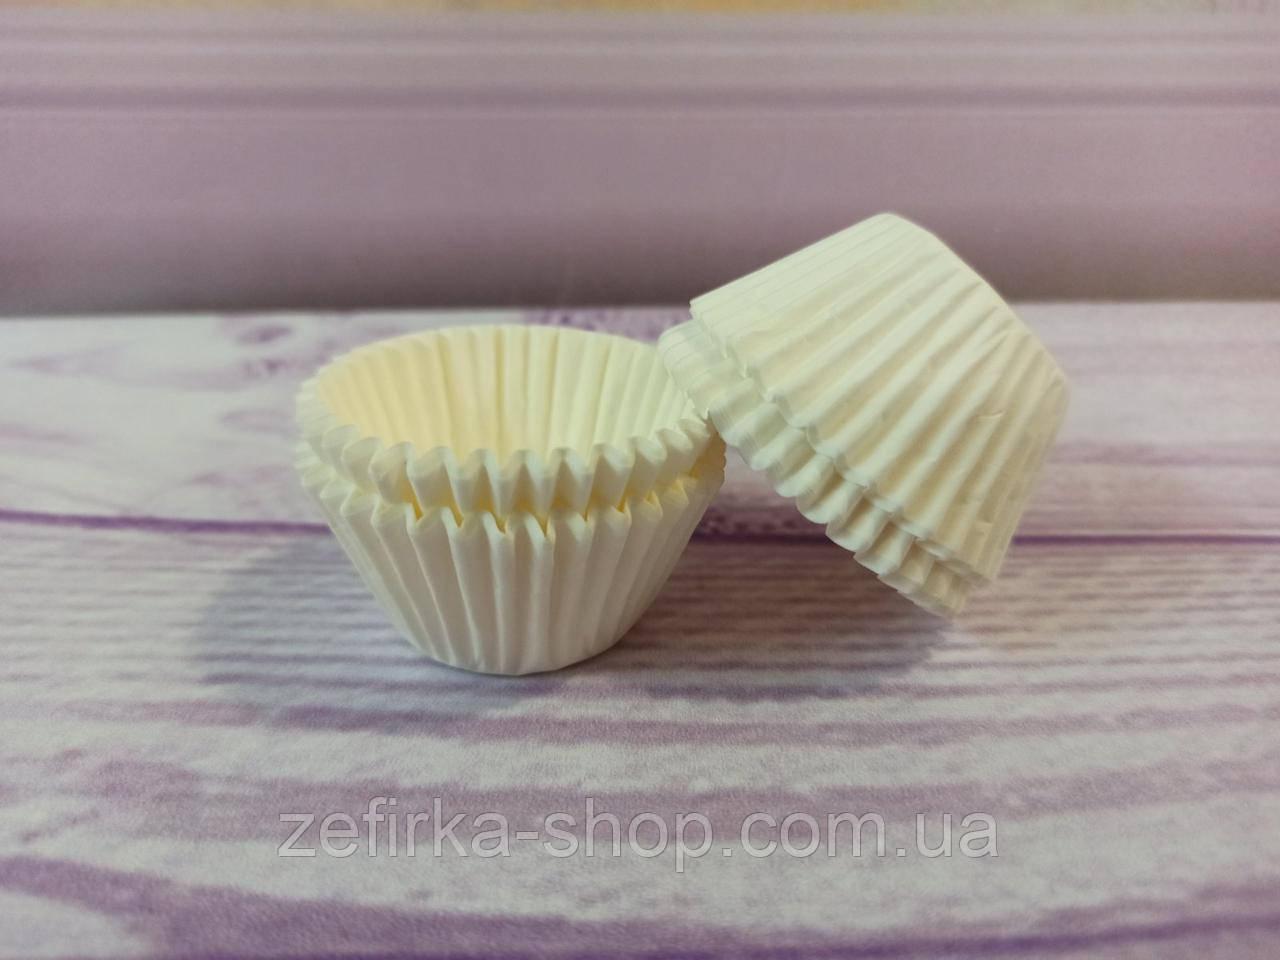 Бумажные формочки для конфет, кейк- попсов белые